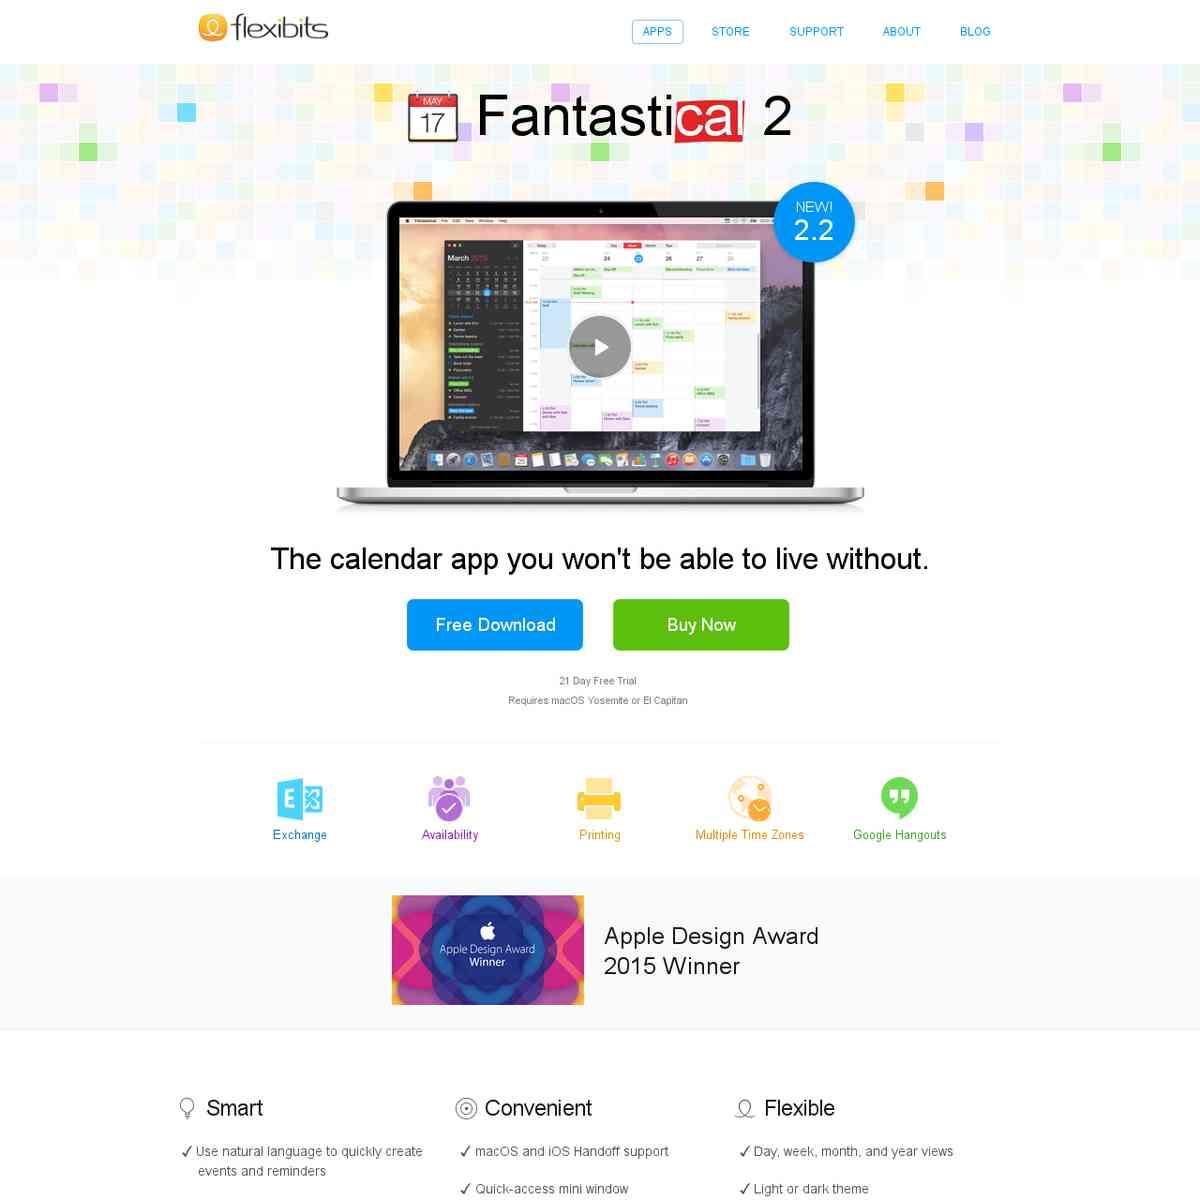 flexibits.com/fantastical